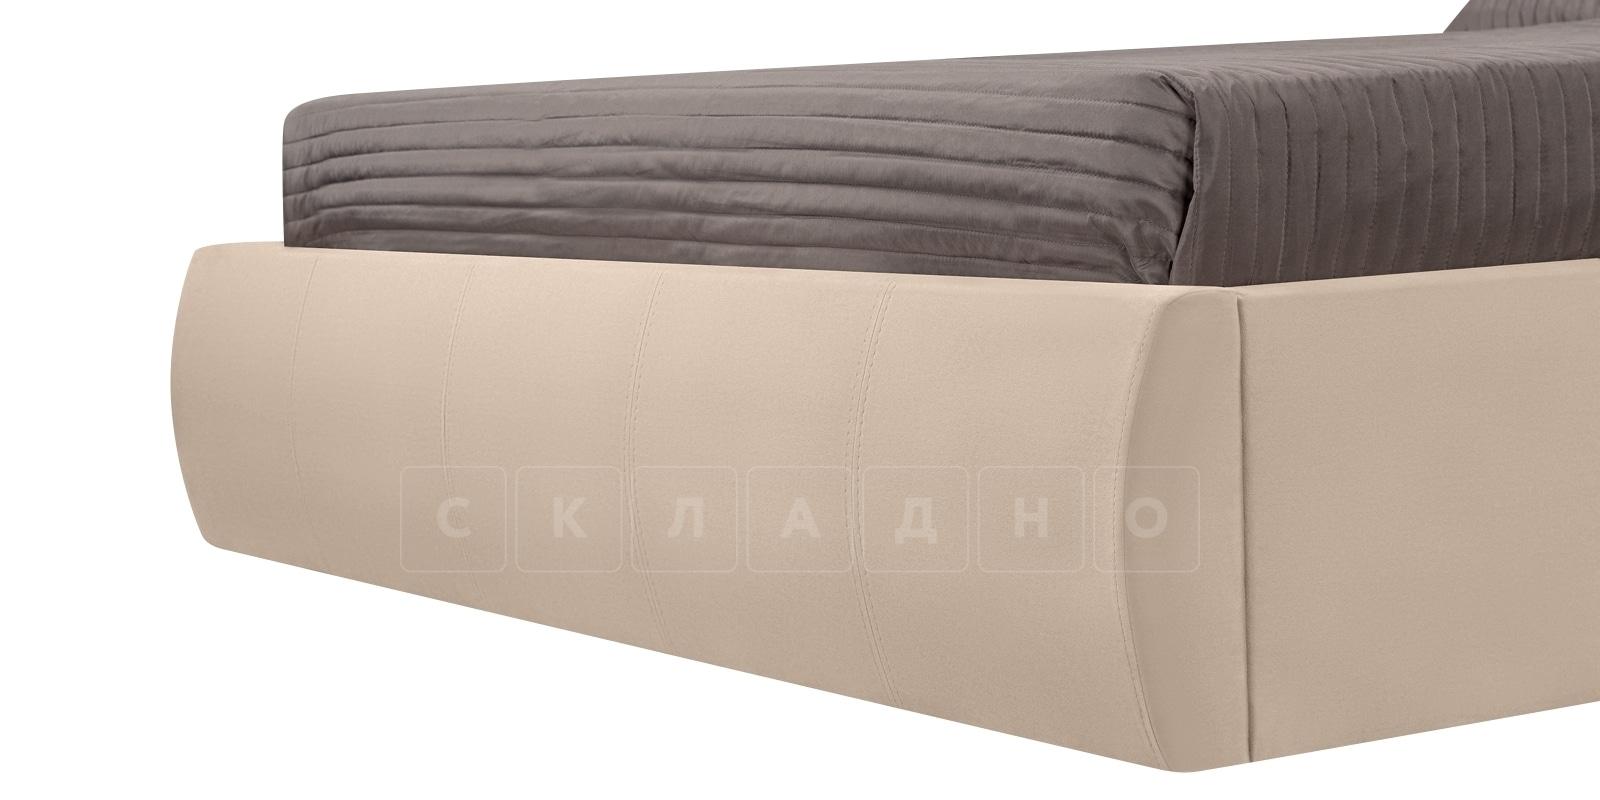 Мягкая кровать Афина 140см велюр бежевый фото 7 | интернет-магазин Складно